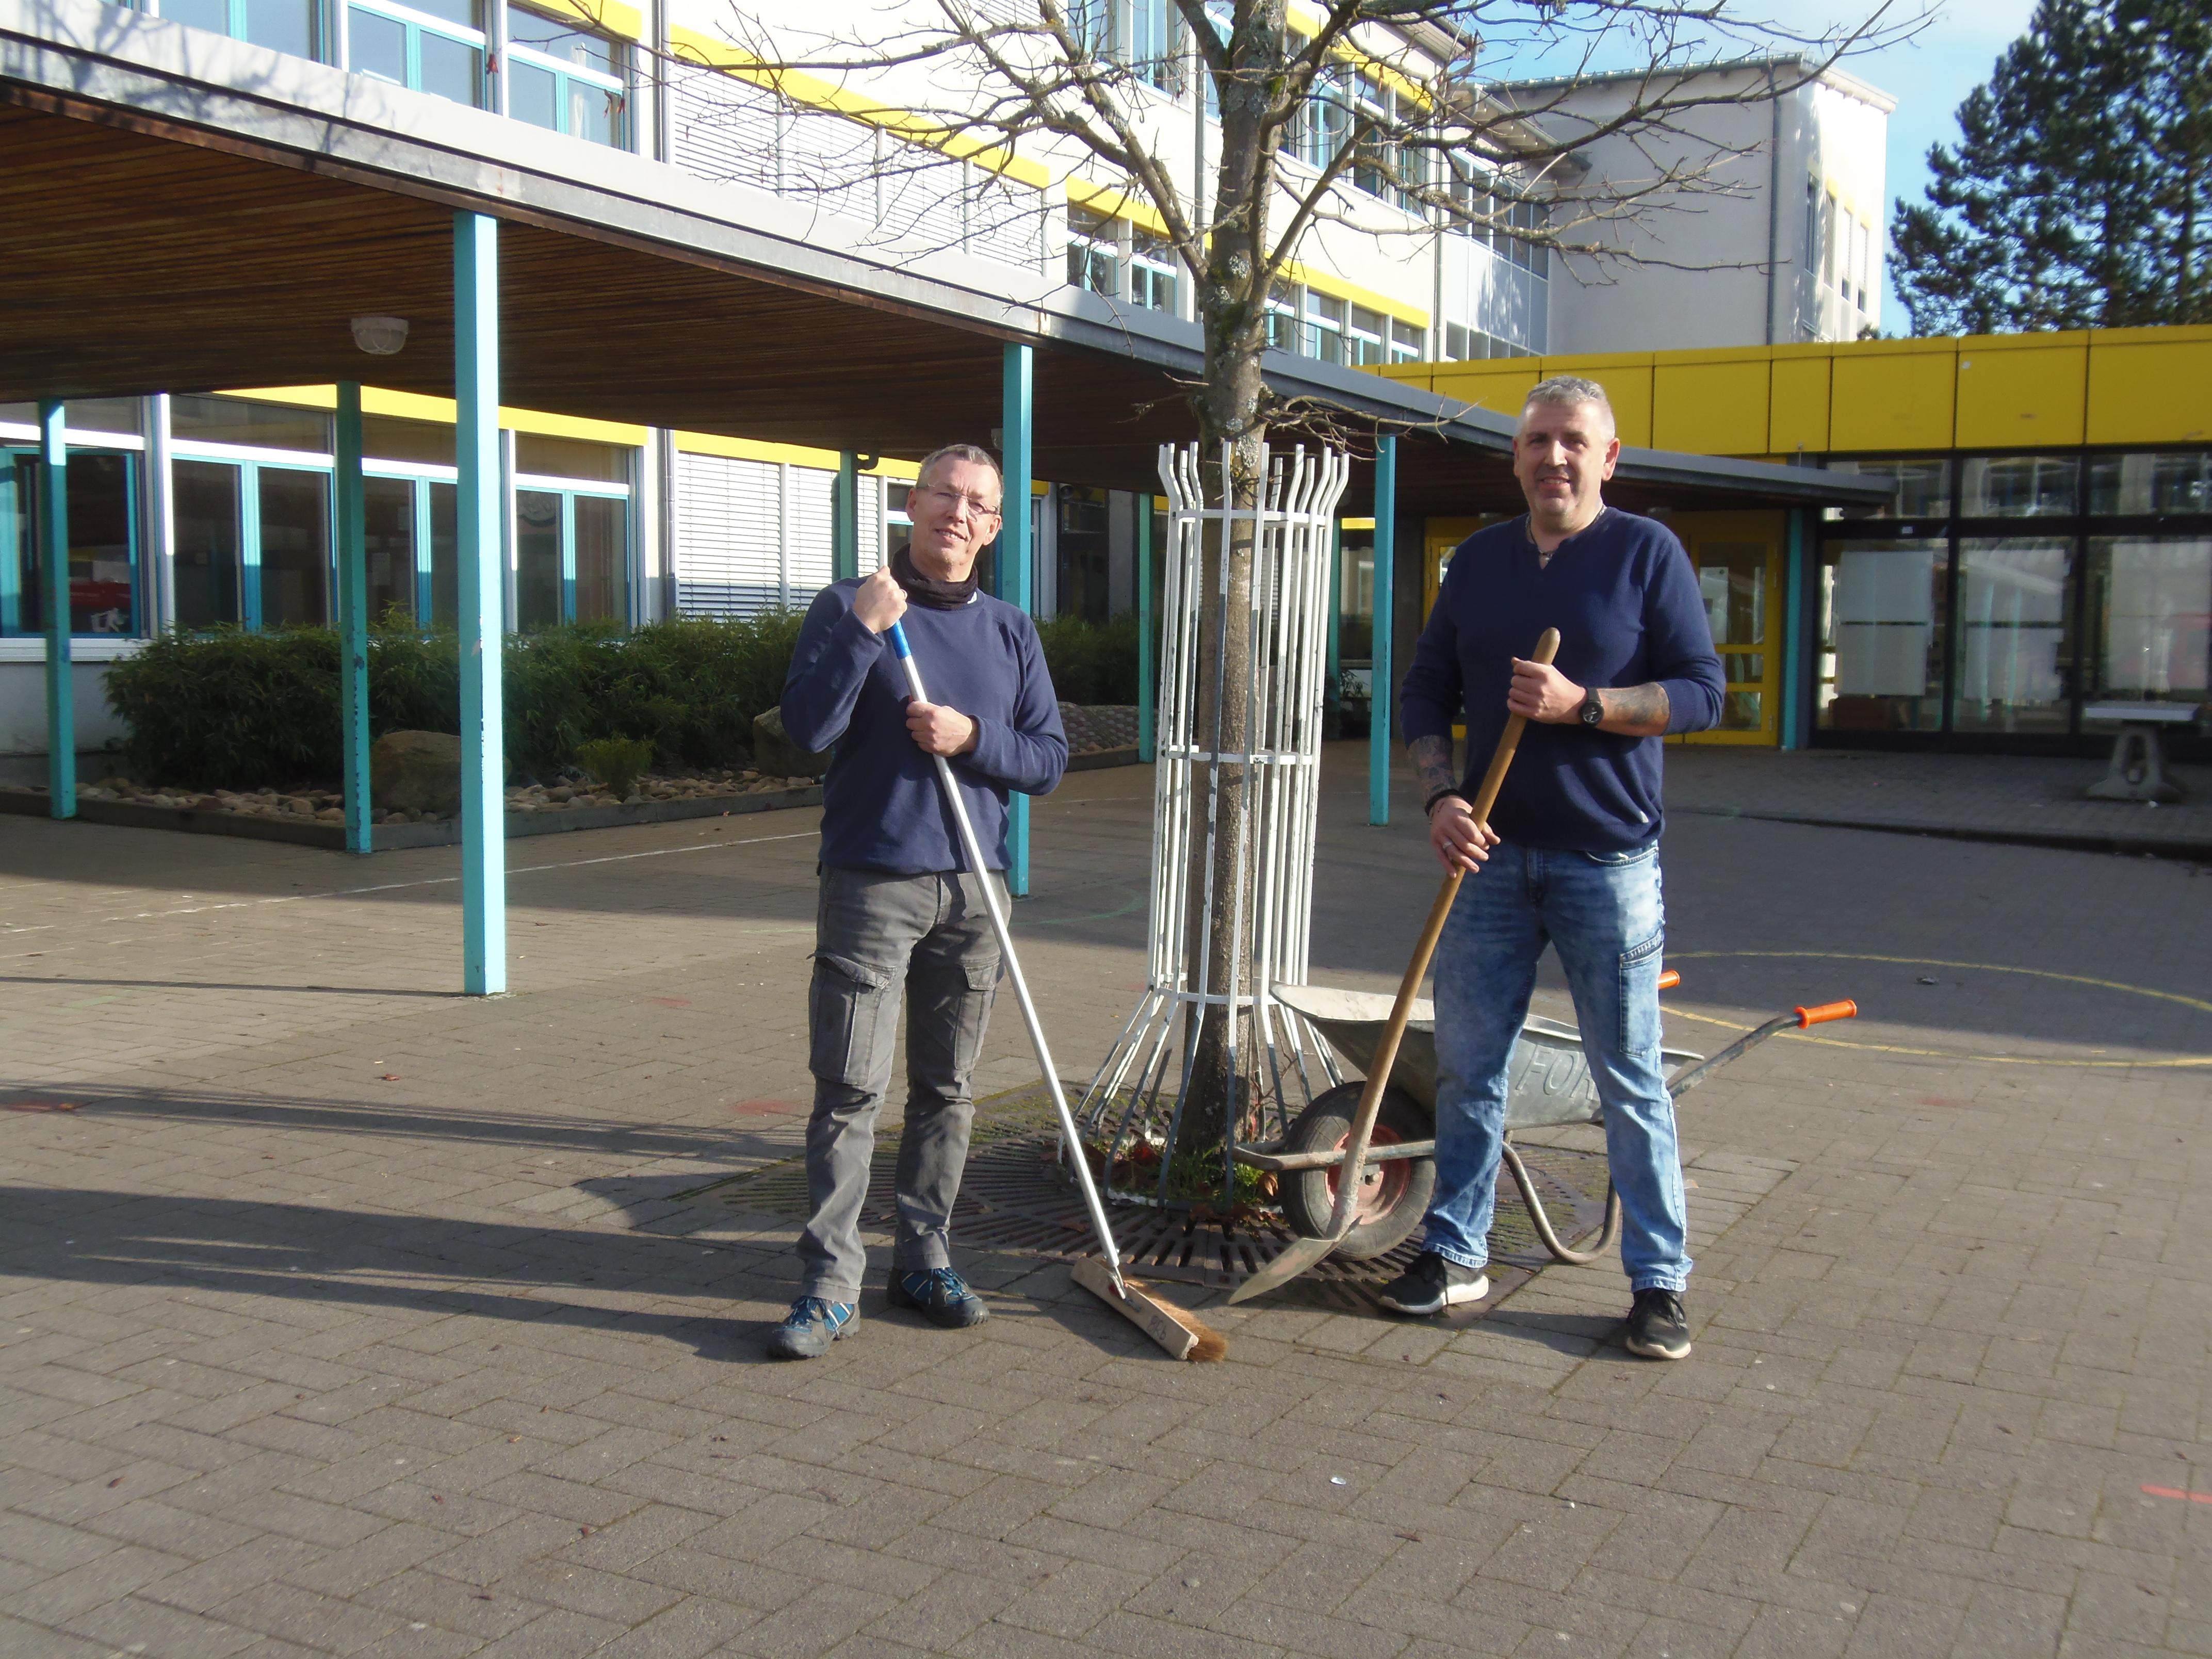 Herr Fricke und Herr Jeßberger